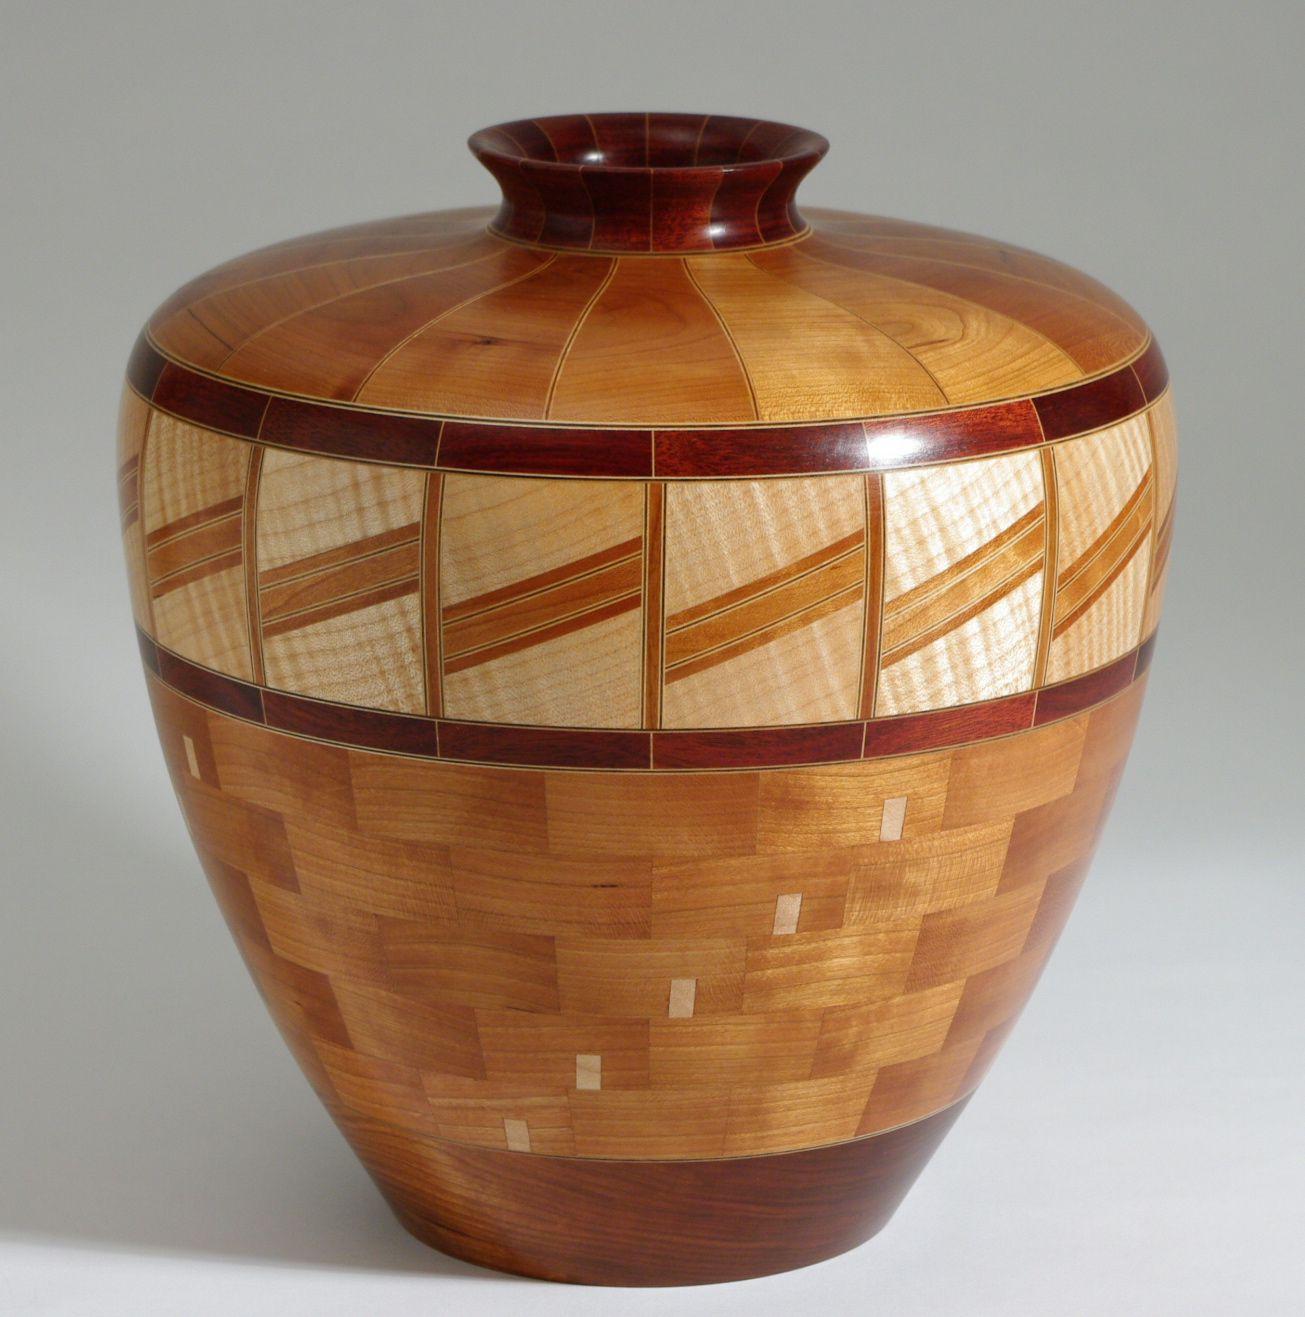 Amazing segmented vase woodturning art art pinterest amazing segmented vase woodturning art reviewsmspy